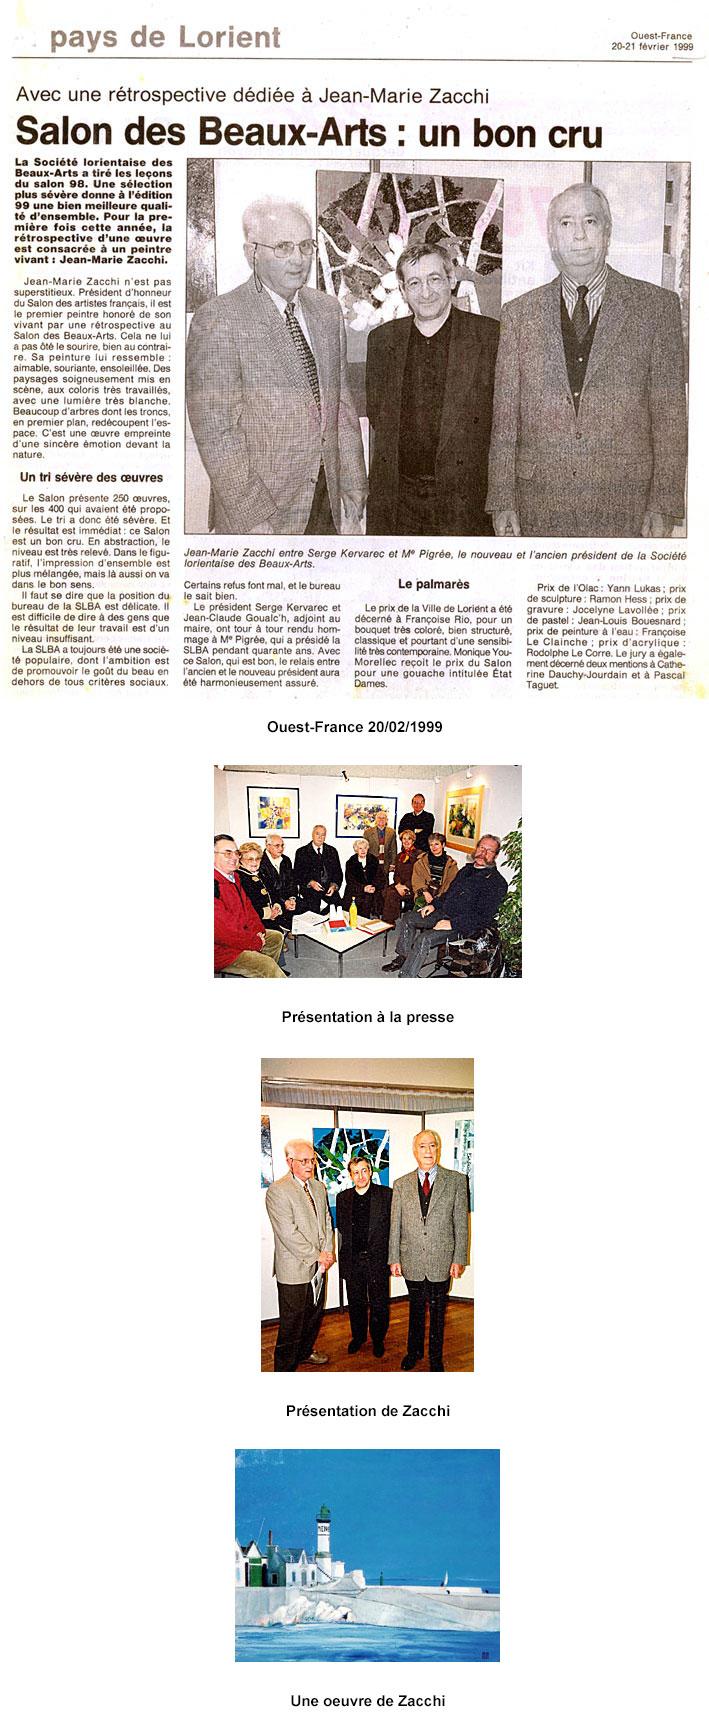 Palmarès : Prix du salon : Monique YOU MORELLEC Prix de peinture à l'eau : Françoise LE CLAINCHE Prix de pastel : Jean-Louis BOUESNARD Prix de l'acrylique : Rodolphe LE CORRE Prix de gravure : Jocelyne LAVOLLEE Prix de sculpture : Ramon HESS Prix de l'OLAC : Yann LUKAS Grand Prix de la Ville : Françoise RIO haut de page L'invité : Jean-Marie ZACCHI Né le 9 avril 1944, diplômé de l'Ecole Supérieure des Arts Modernes de Paris, les toiles de Jean-Marie ZACCHI, de plus en plus élaborées, montrent aux amateurs d'art et aux collectionneurs que cet artiste détient en son cœur les secrets de la réussite. Sa carrière débute en 1963 : première participation au salon des artistes français au Grand Palais. Après avoir assumé la présidence du salon Violet et du salon des Artistes français, il en est élu président d'honneur. Jean- Marie ZACCHI s'ouvre au monde où il œuvre pour le rayonnement de l'art français en qualité de conseiller de la Japan International Artists Society Tokyo, président d'honneur du Taiyo Bijustsu Kyokai-Japon mais également membre du conseil français des arts plastiques pour l'UNESCO. Plusieurs grands musées lui ont déjà rendu hommage… On sent dans les œuvres de Jean-Marie ZACCHI une tendance à l'abstraction, une volonté à dépouiller le réel, mais ce n'est jamais au détriment de la justesse, de la sensibilité et de la tendresse ! (Galerie ARTSUD)